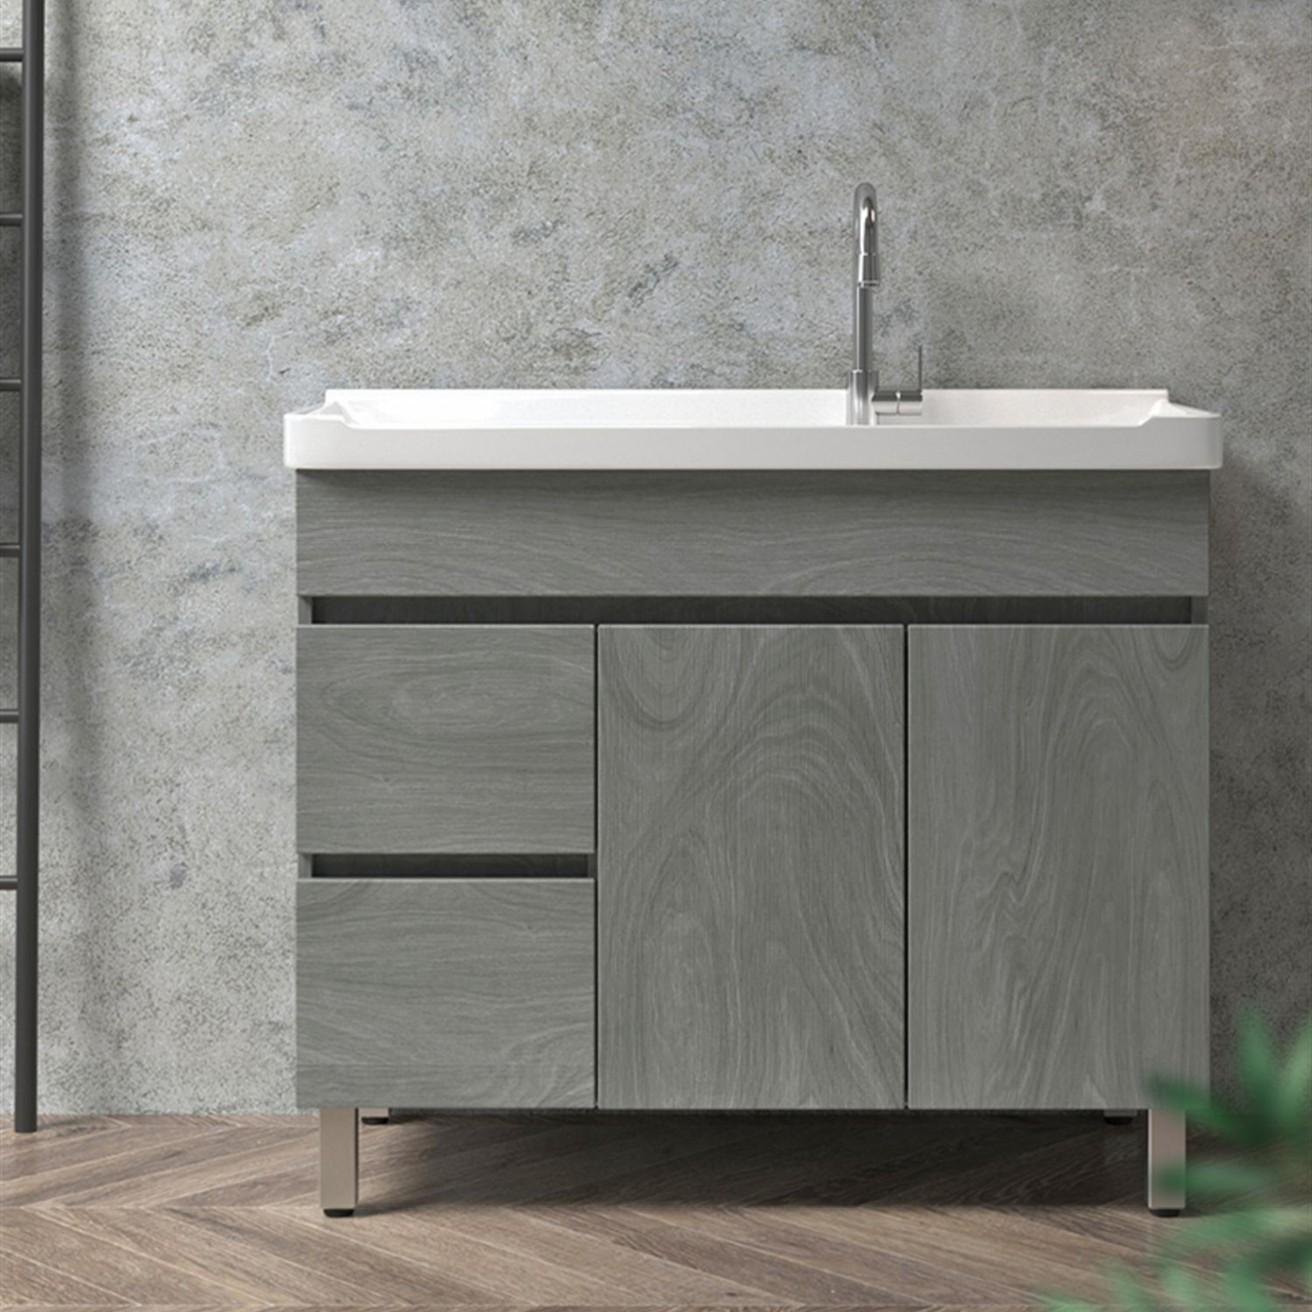 Мебель для ванной комнаты Артикул 636587699217